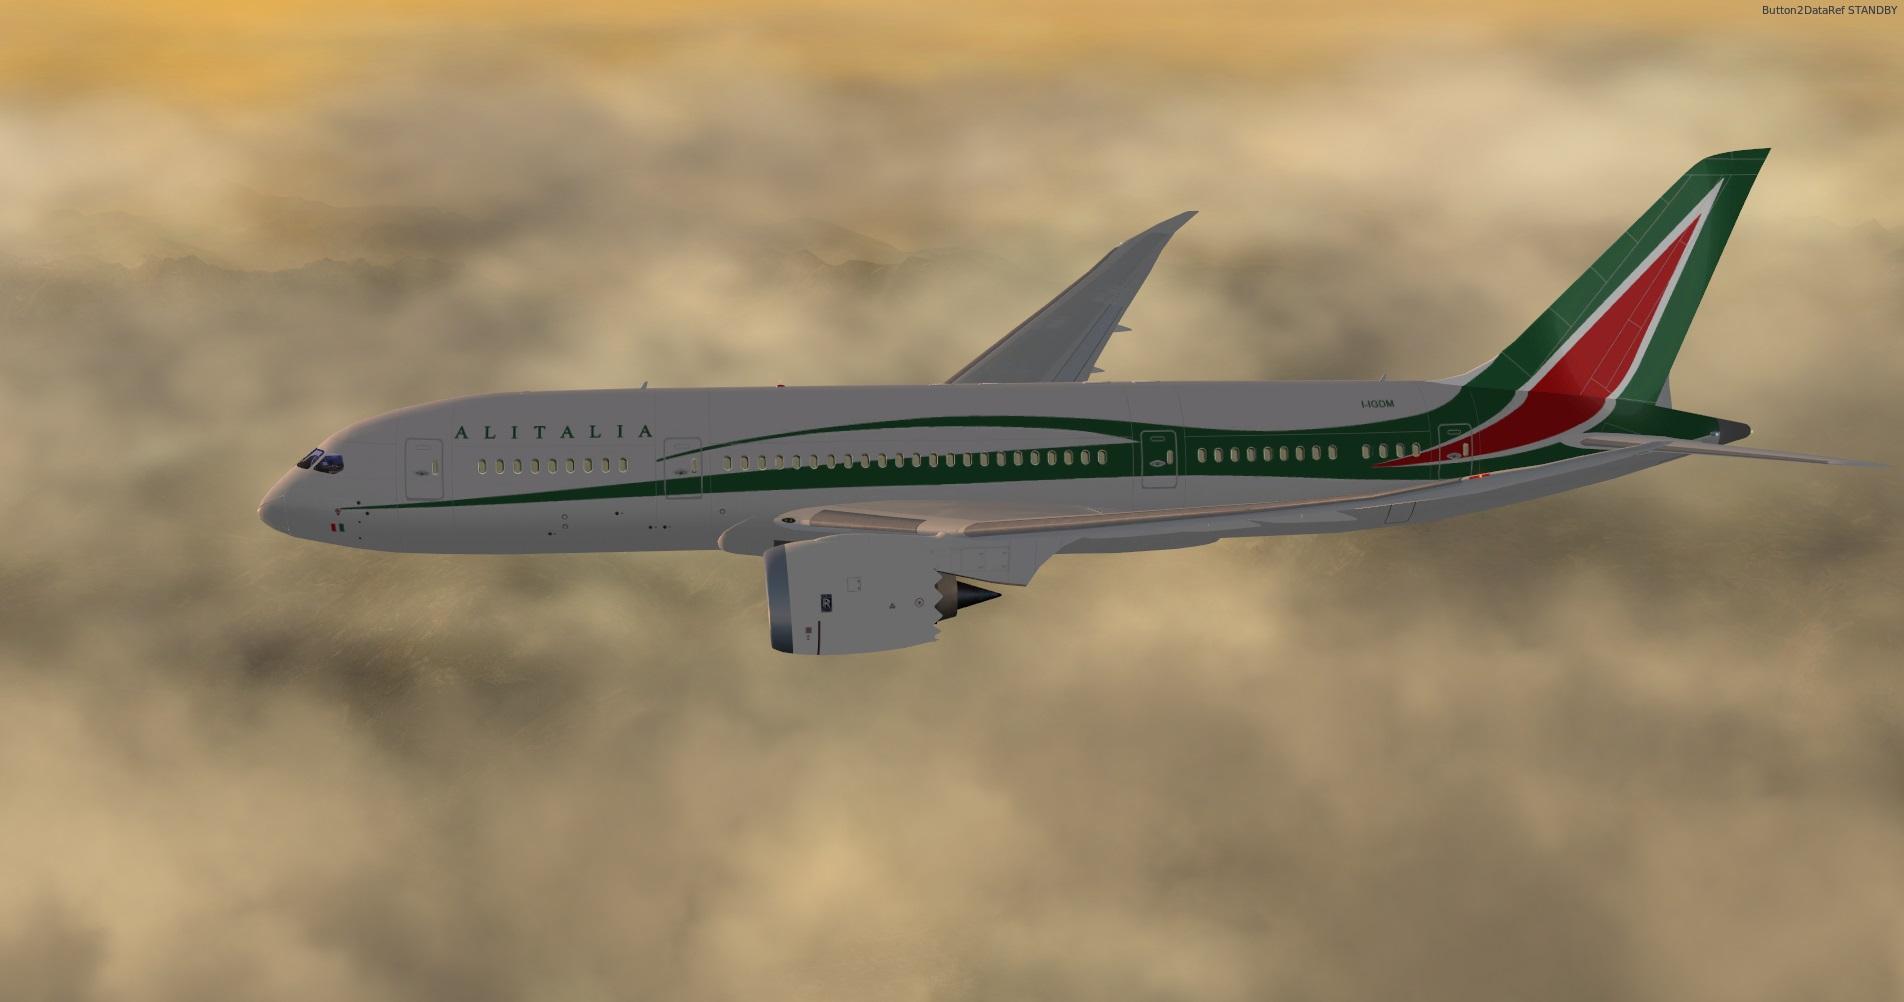 Alitalia 787 Dreamliner Livery - 787 Dreamliner Skins - X